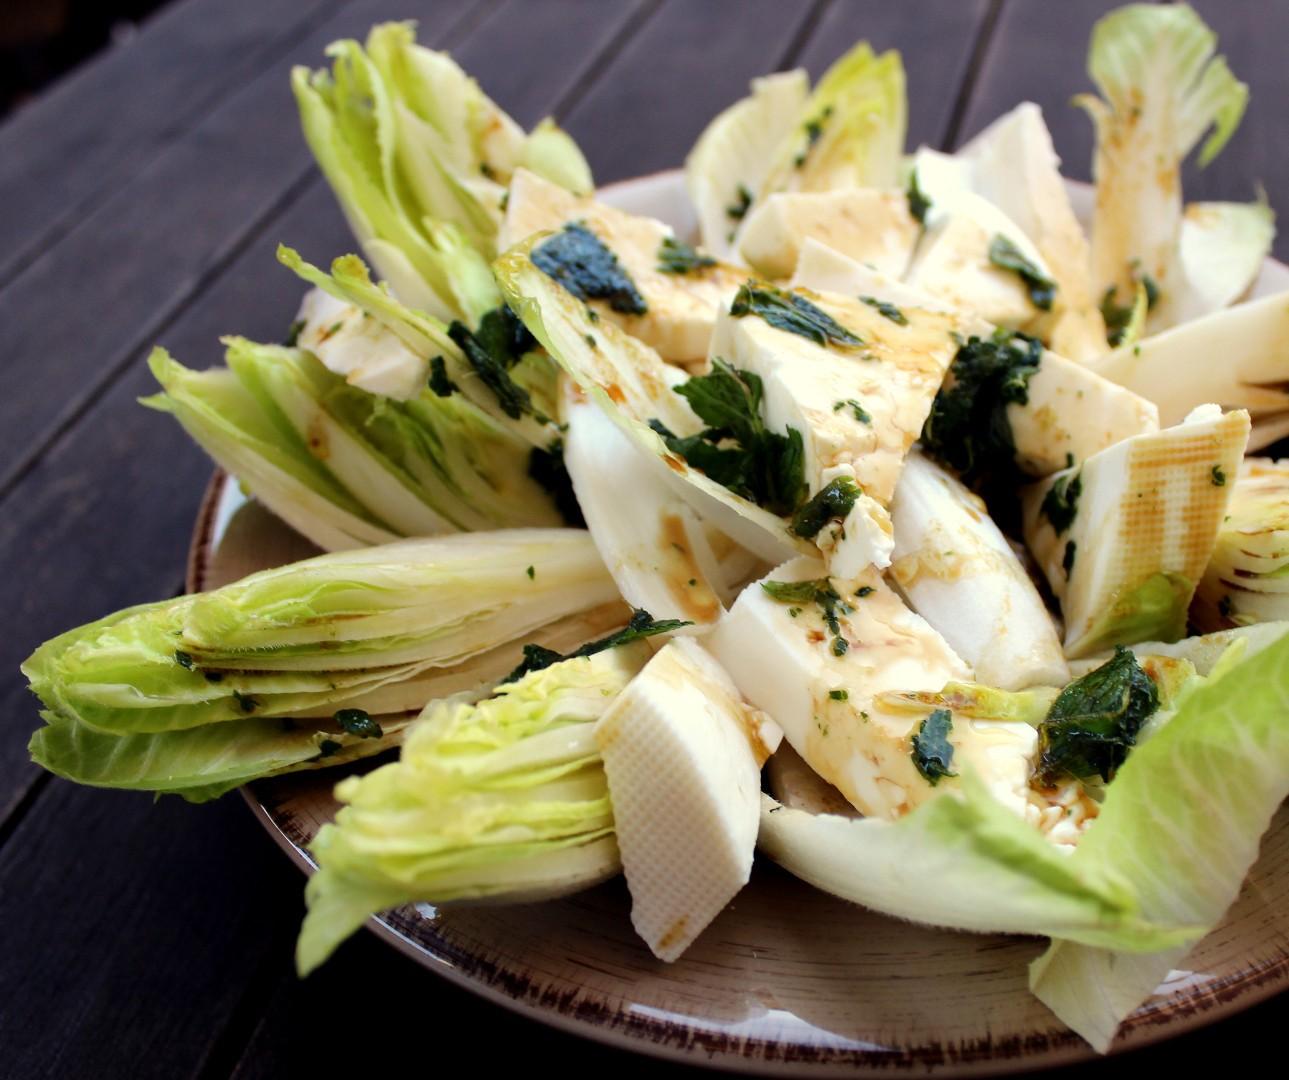 Ensalada de endivias con queso fresco